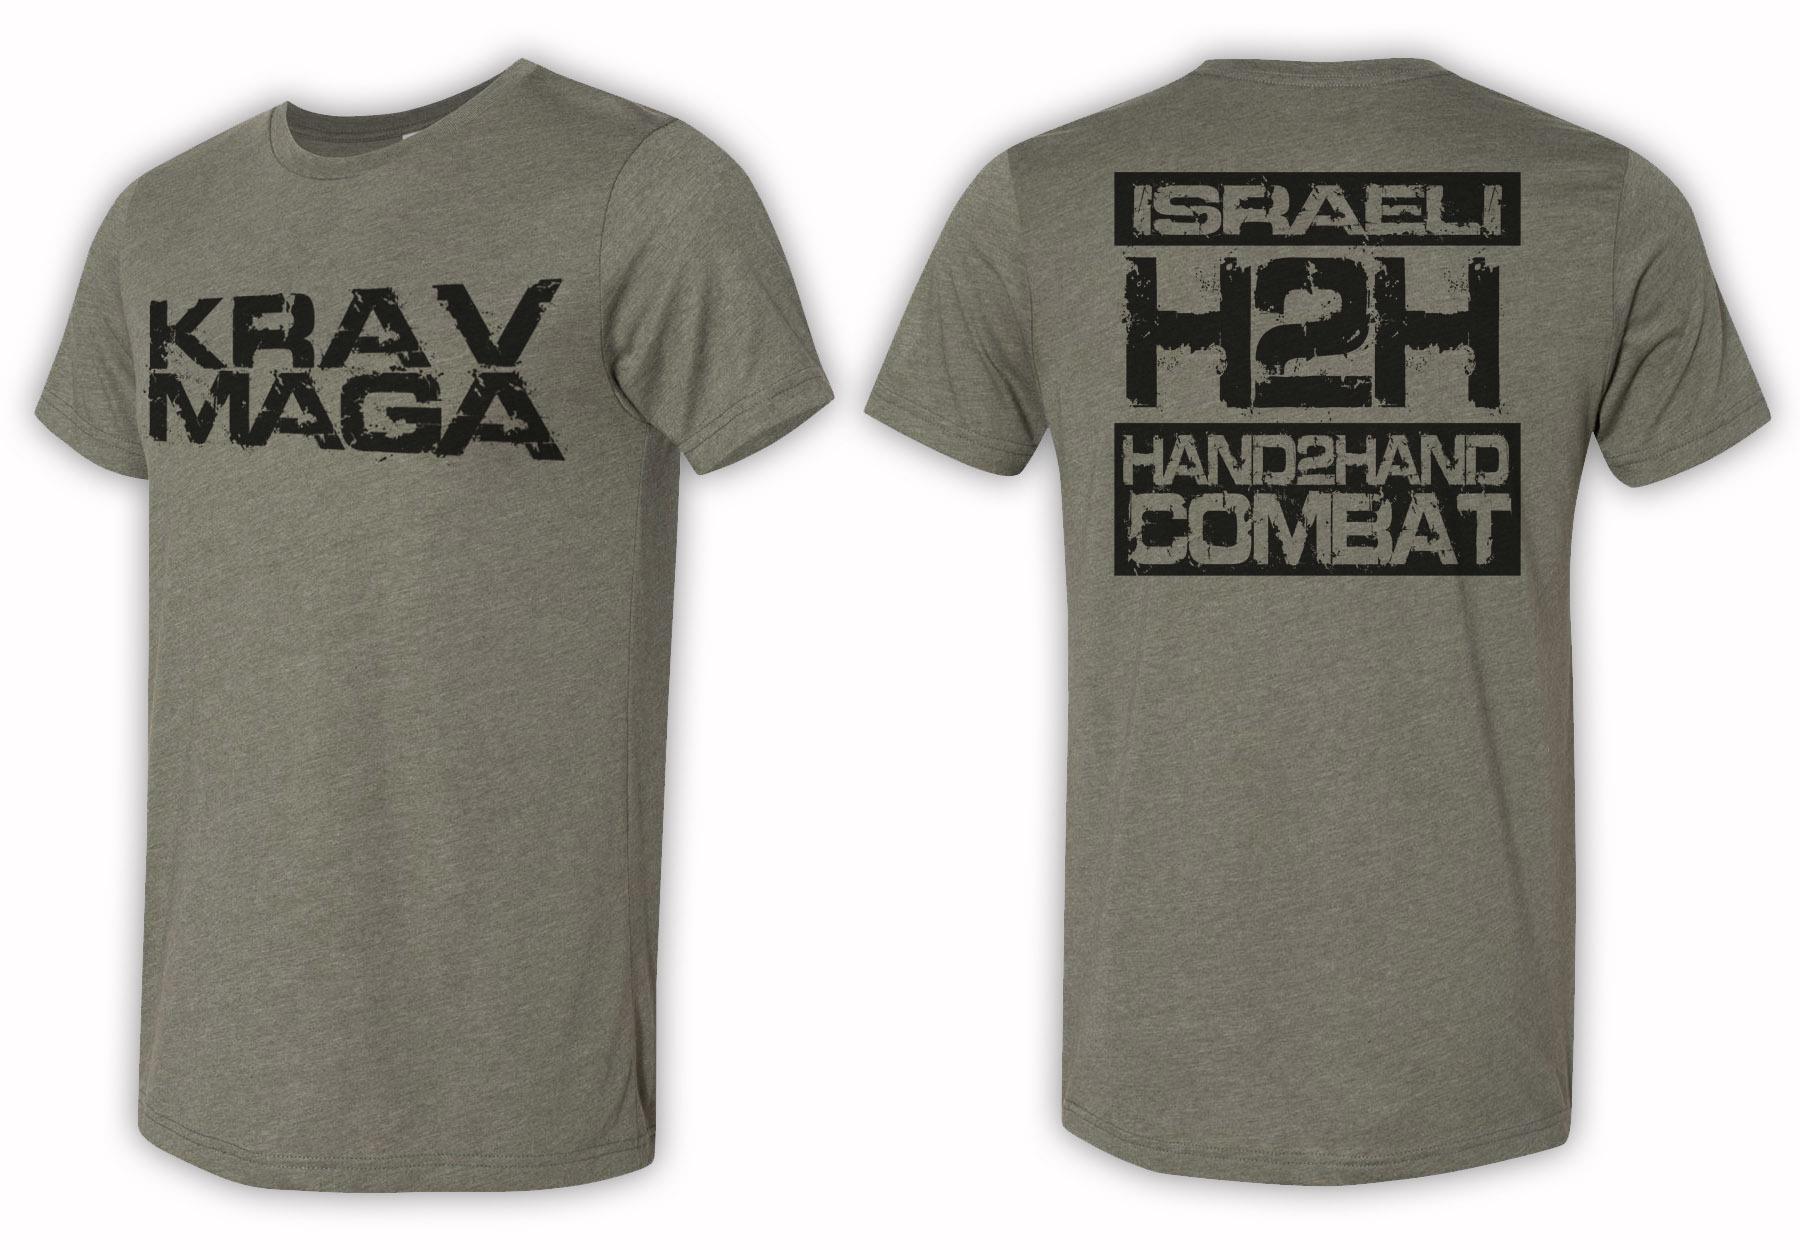 Krav Maga Israeli Hand 2 Hand Combat 00005